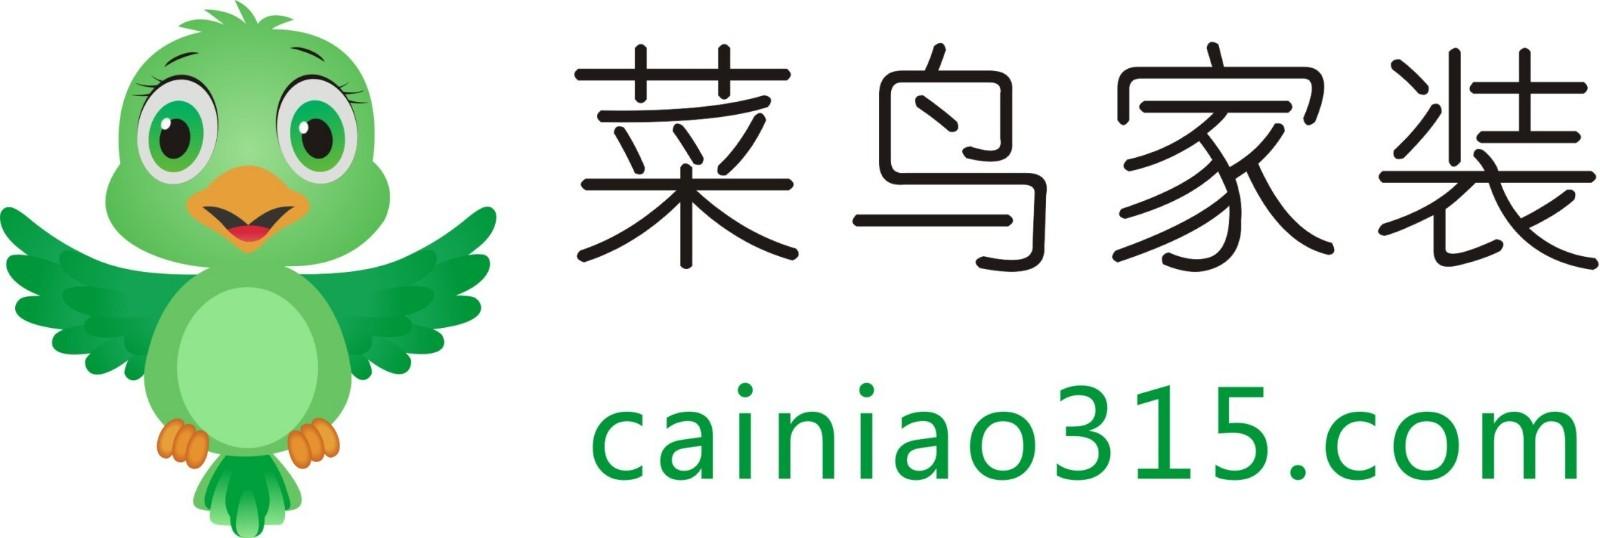 天津繁街科技有限公司